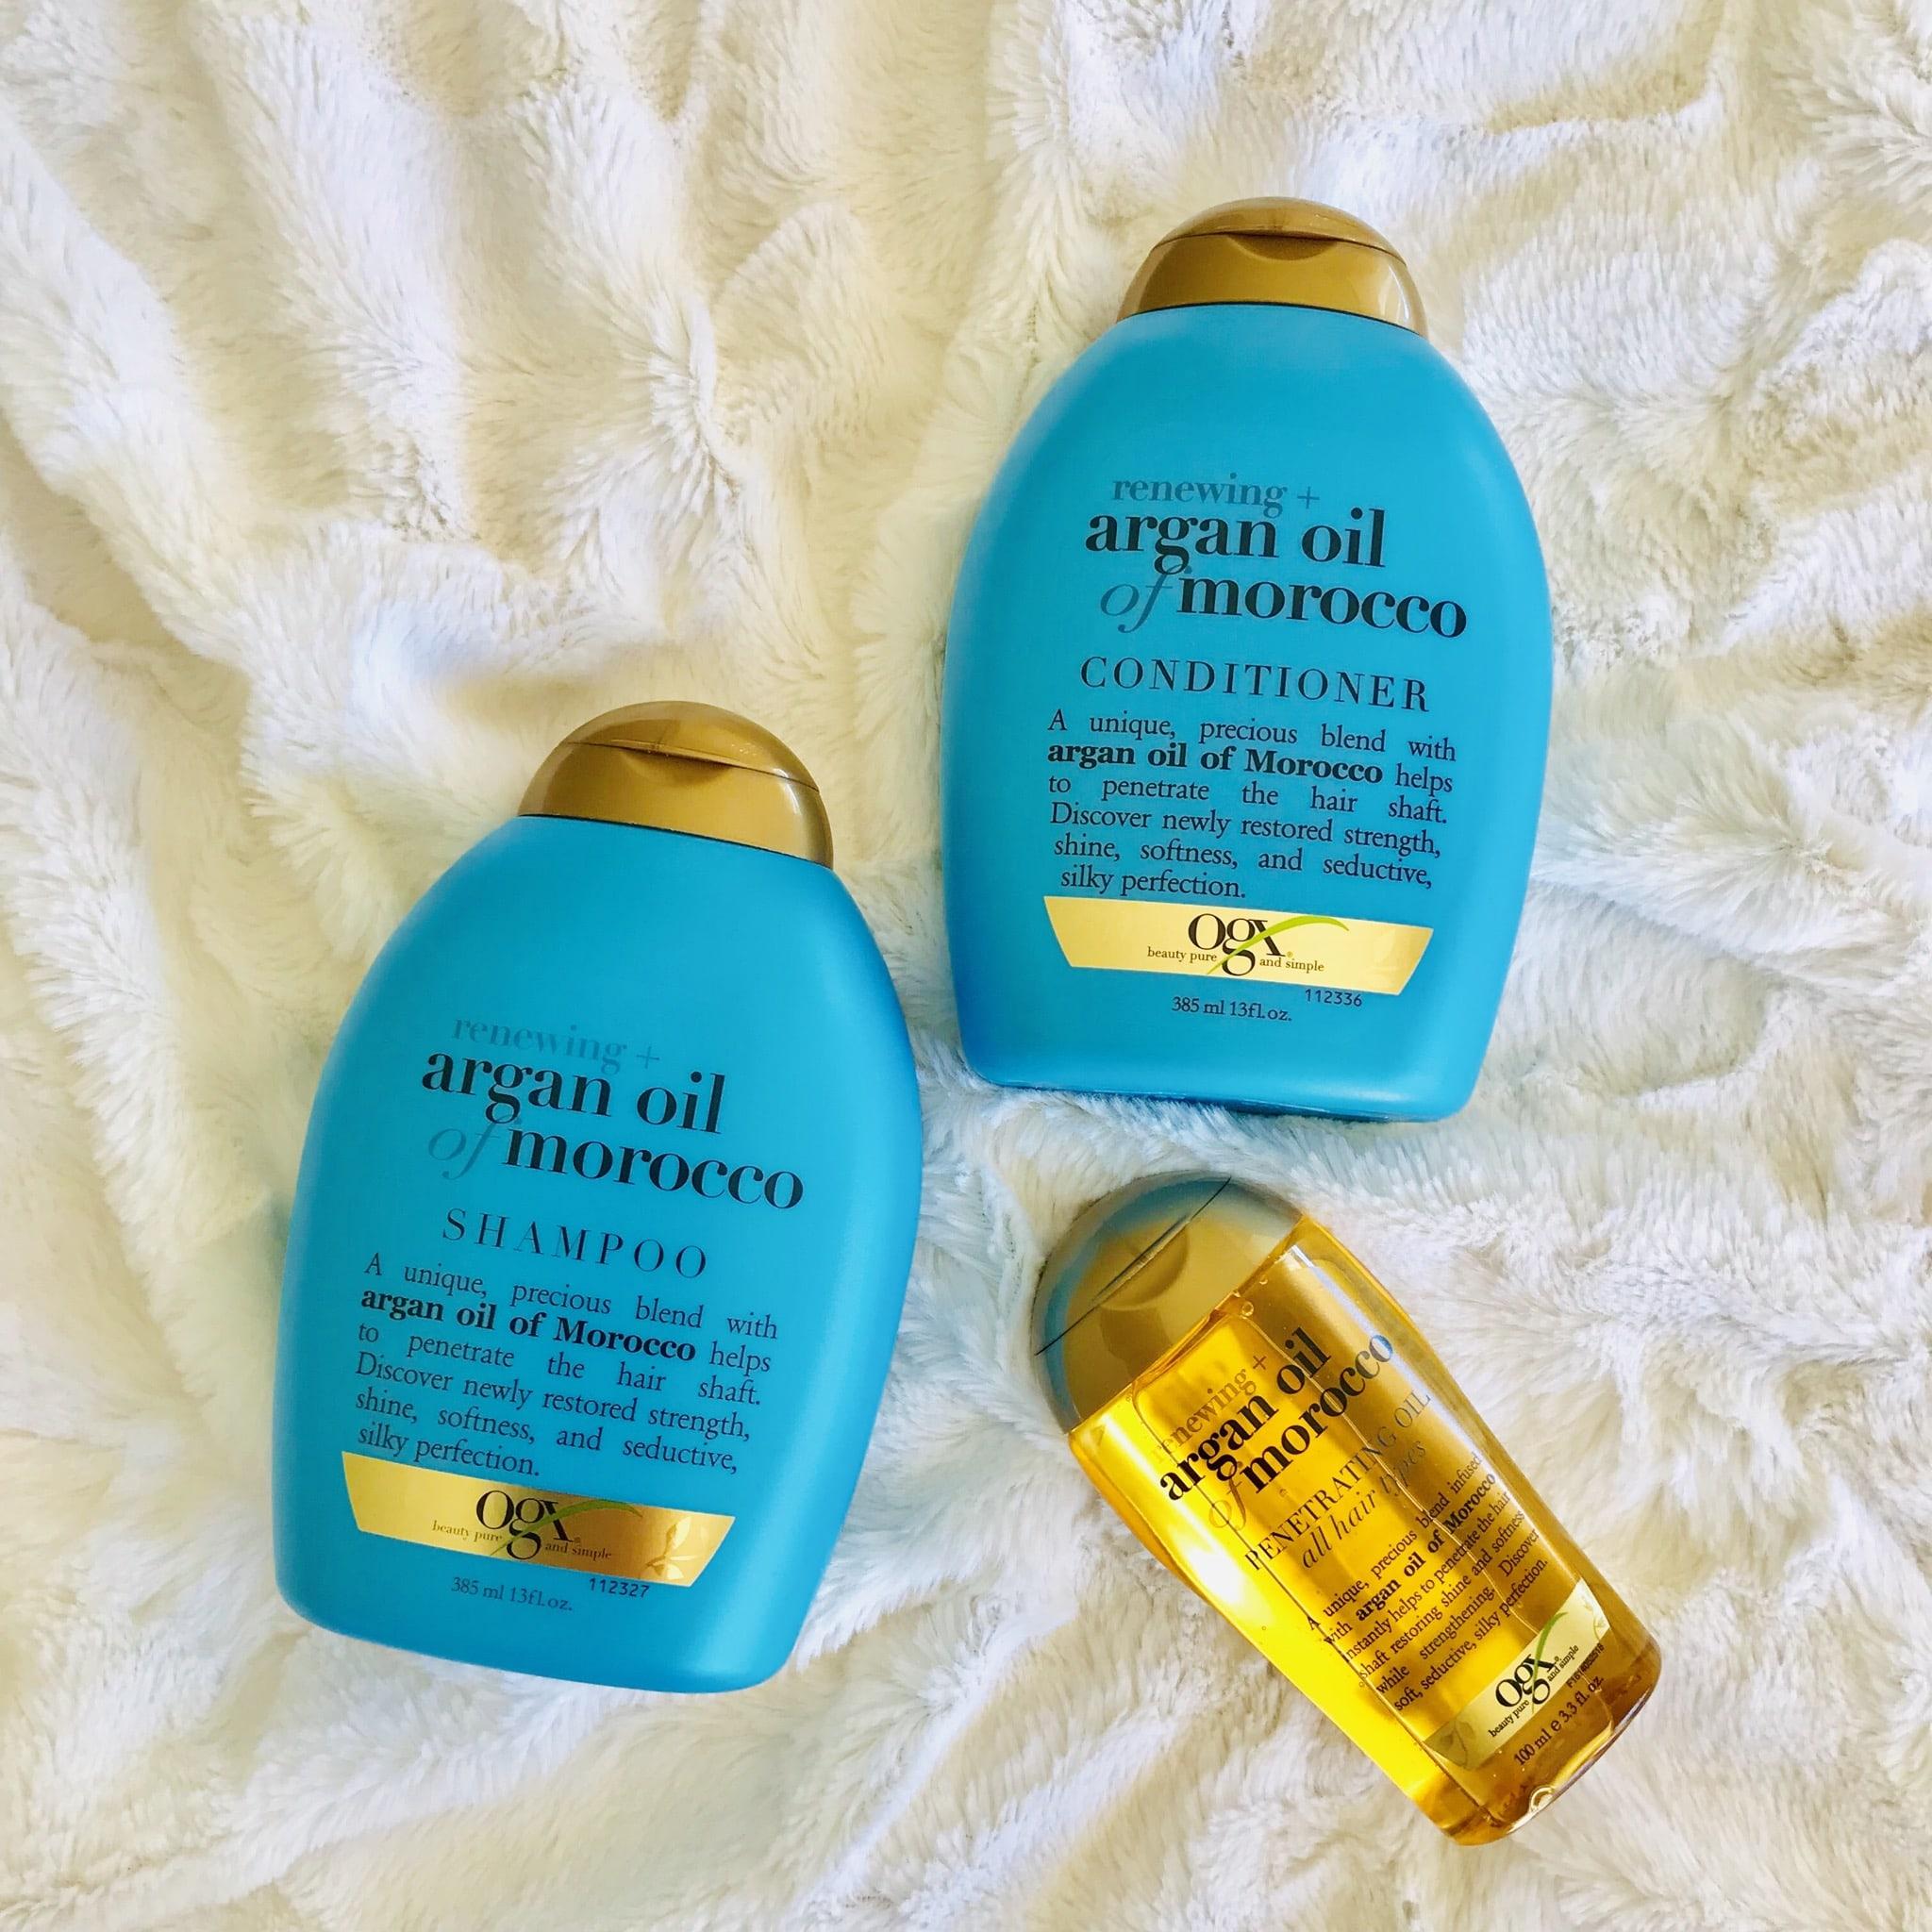 ターコイズブルーのシャンプーとリンスと金色のヘアオイルが並んでる